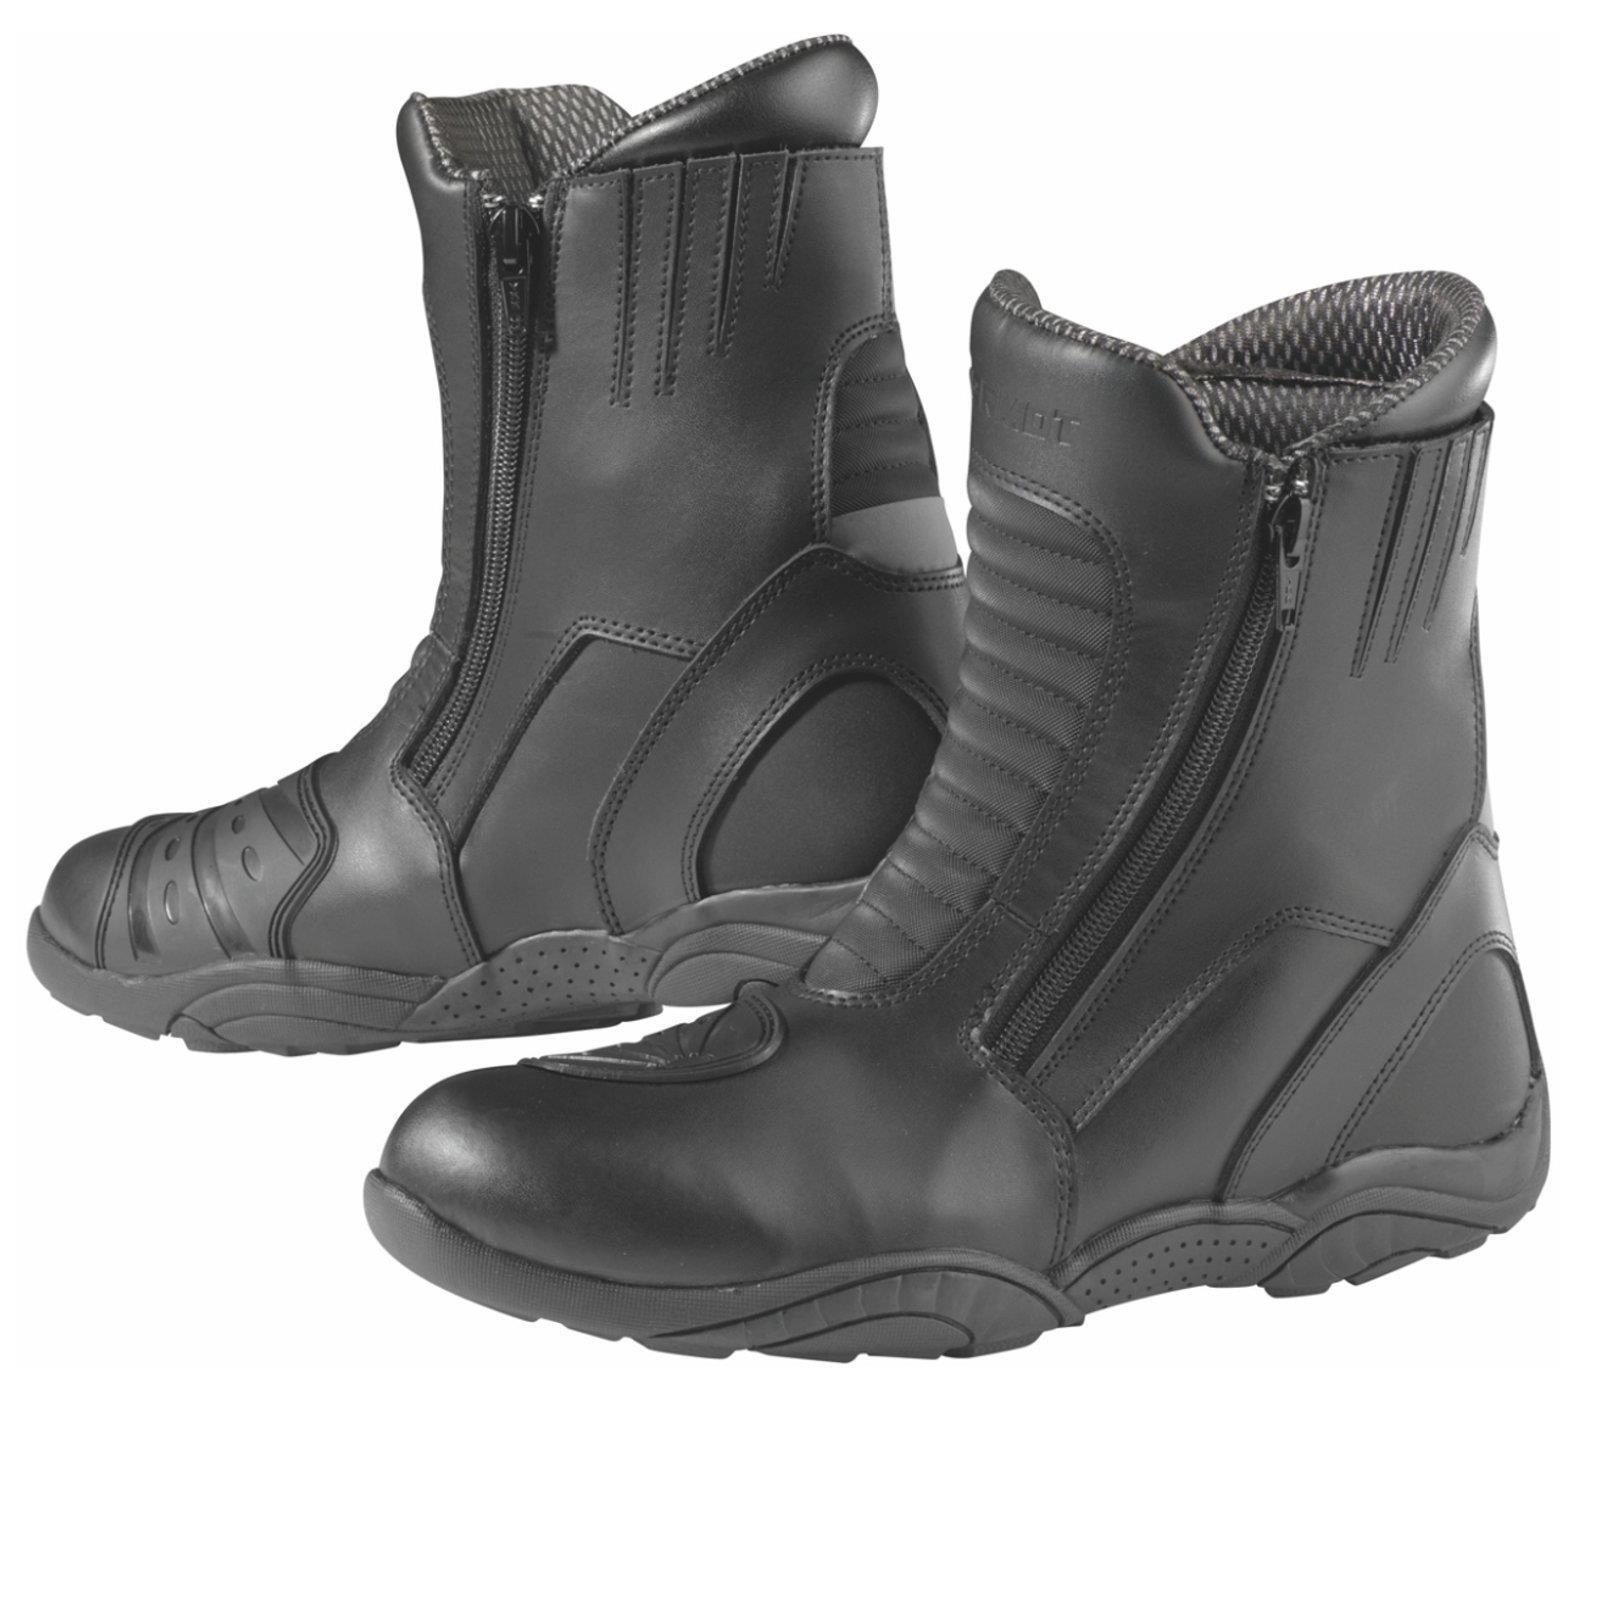 Germot Moto Stivali Trip Scarpe in Pelle Nero Protezione Caviglia ORTOPEDICO